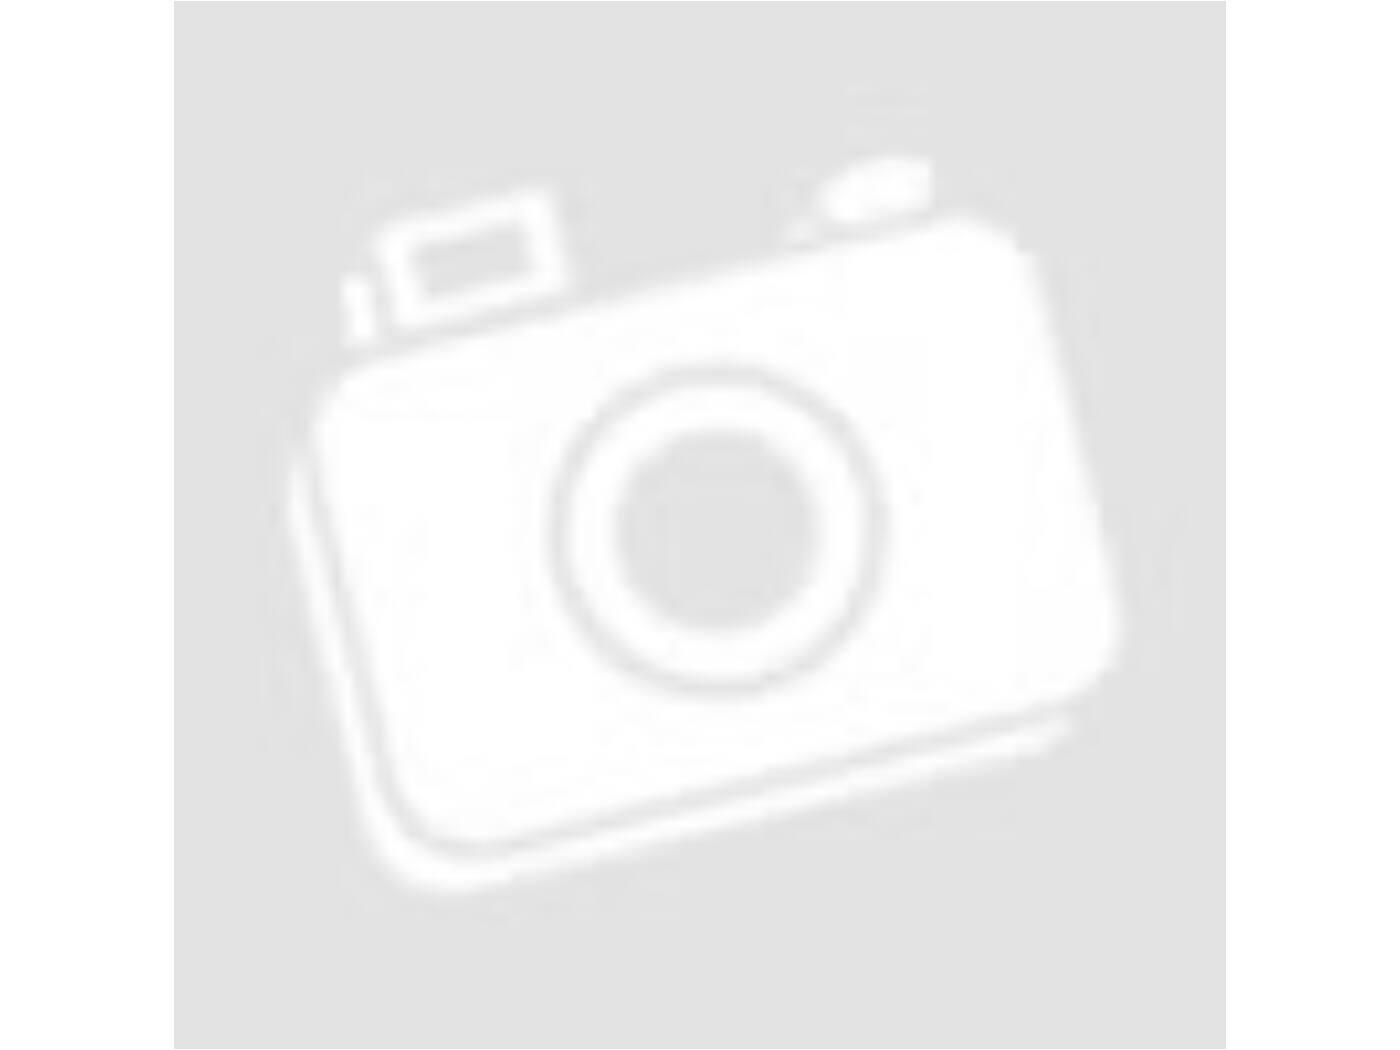 Páraelszívó Pyramis 248 W, szélesség 60 cm, szürke